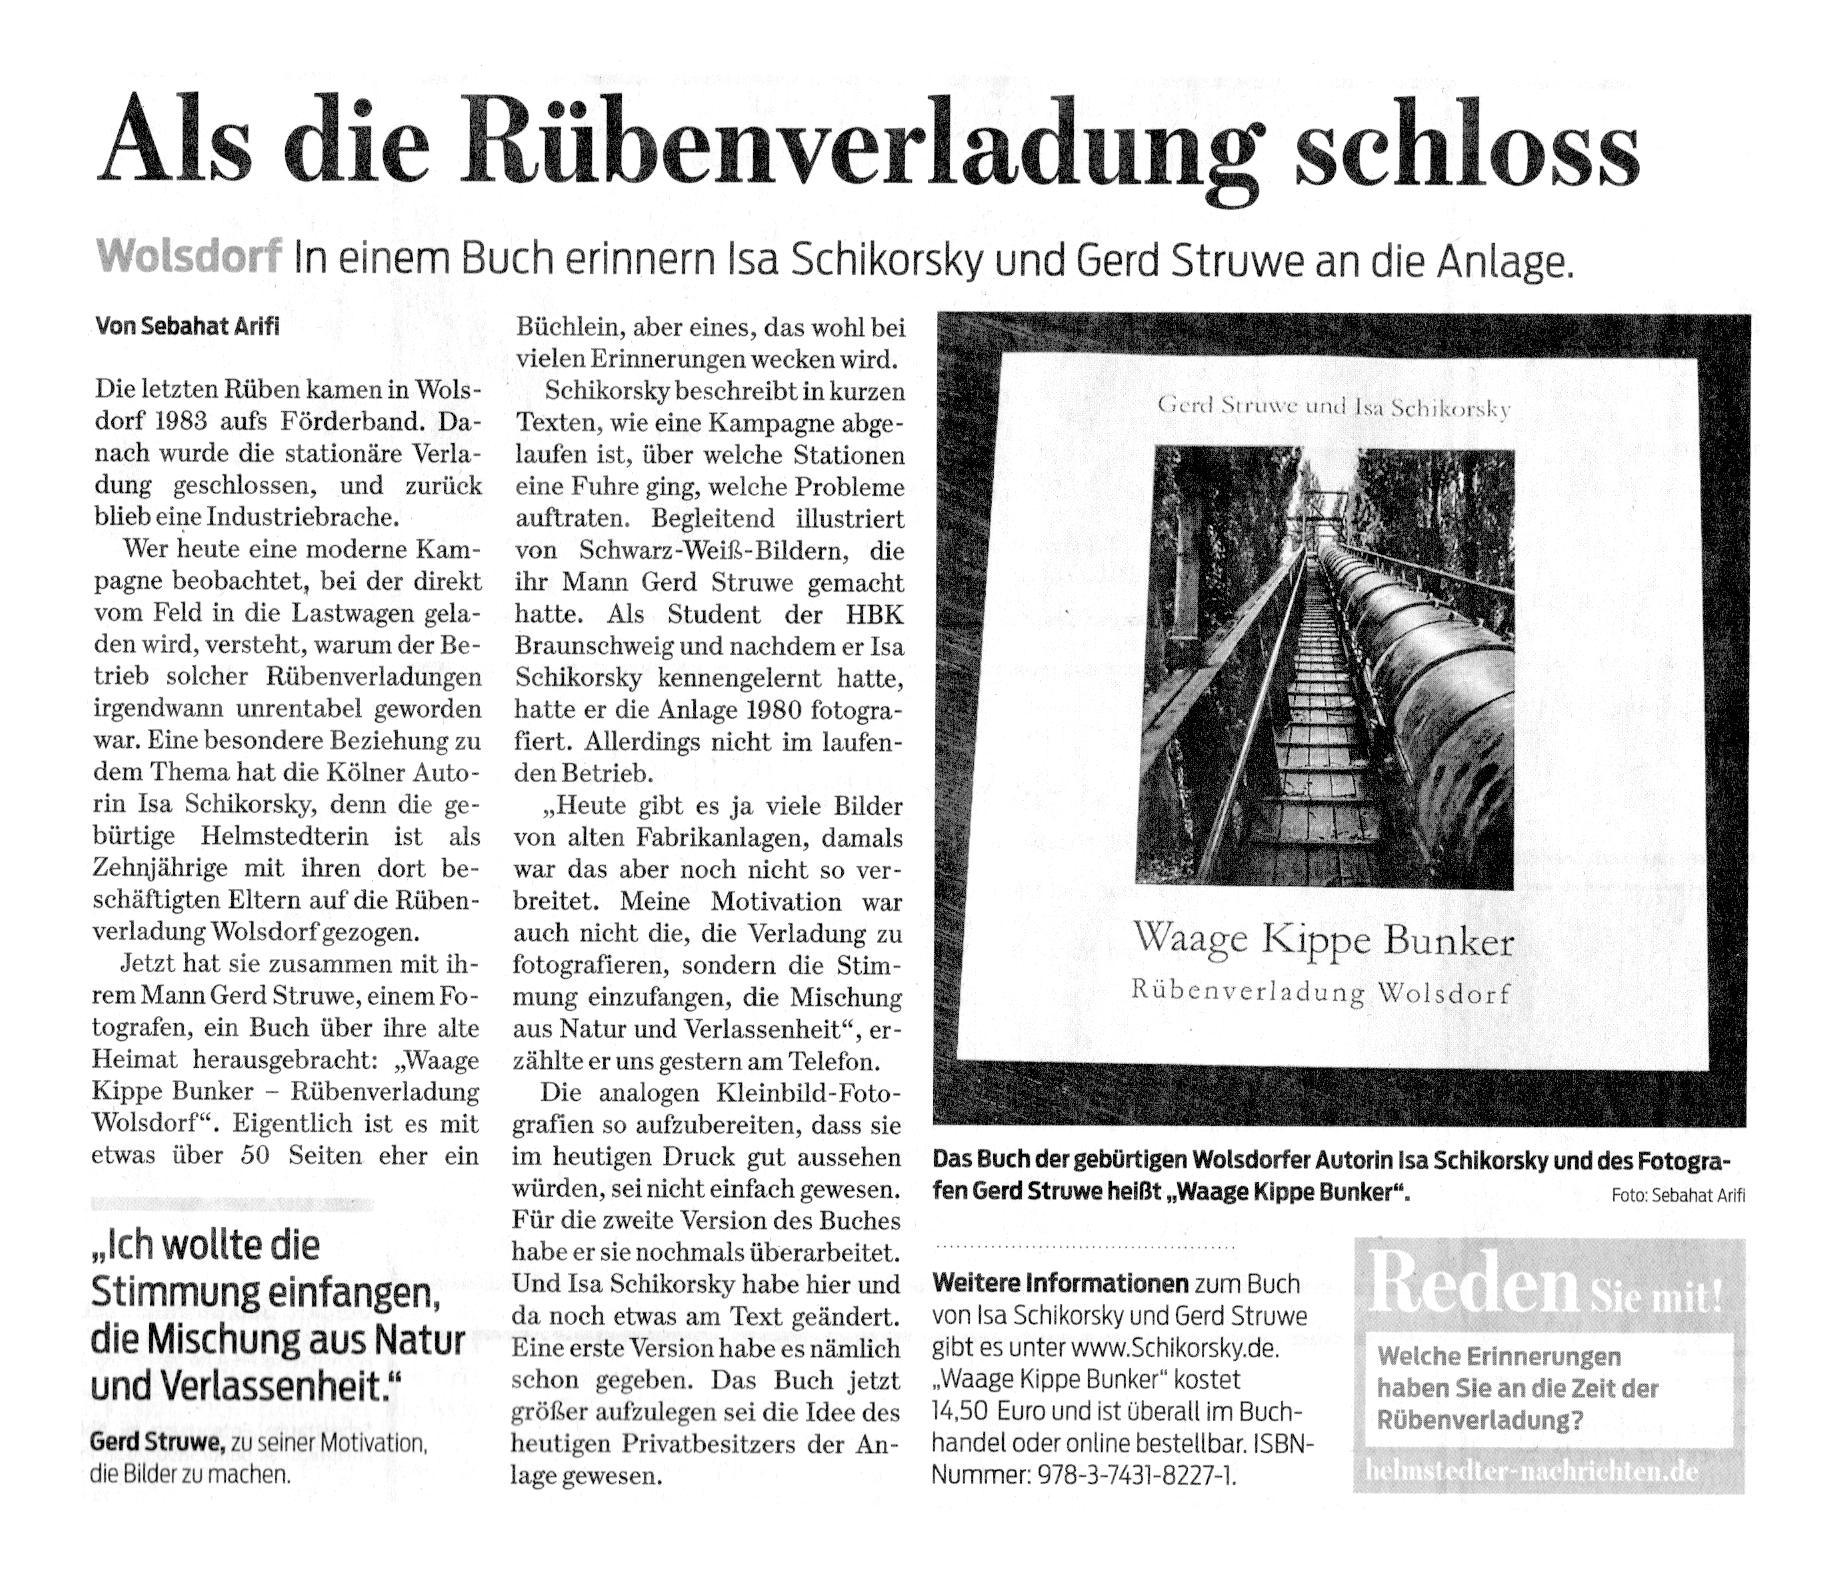 Braunschweiger Zeitung / Helmstedter Nachrichten vom Dienstag, 28. Februar 2017